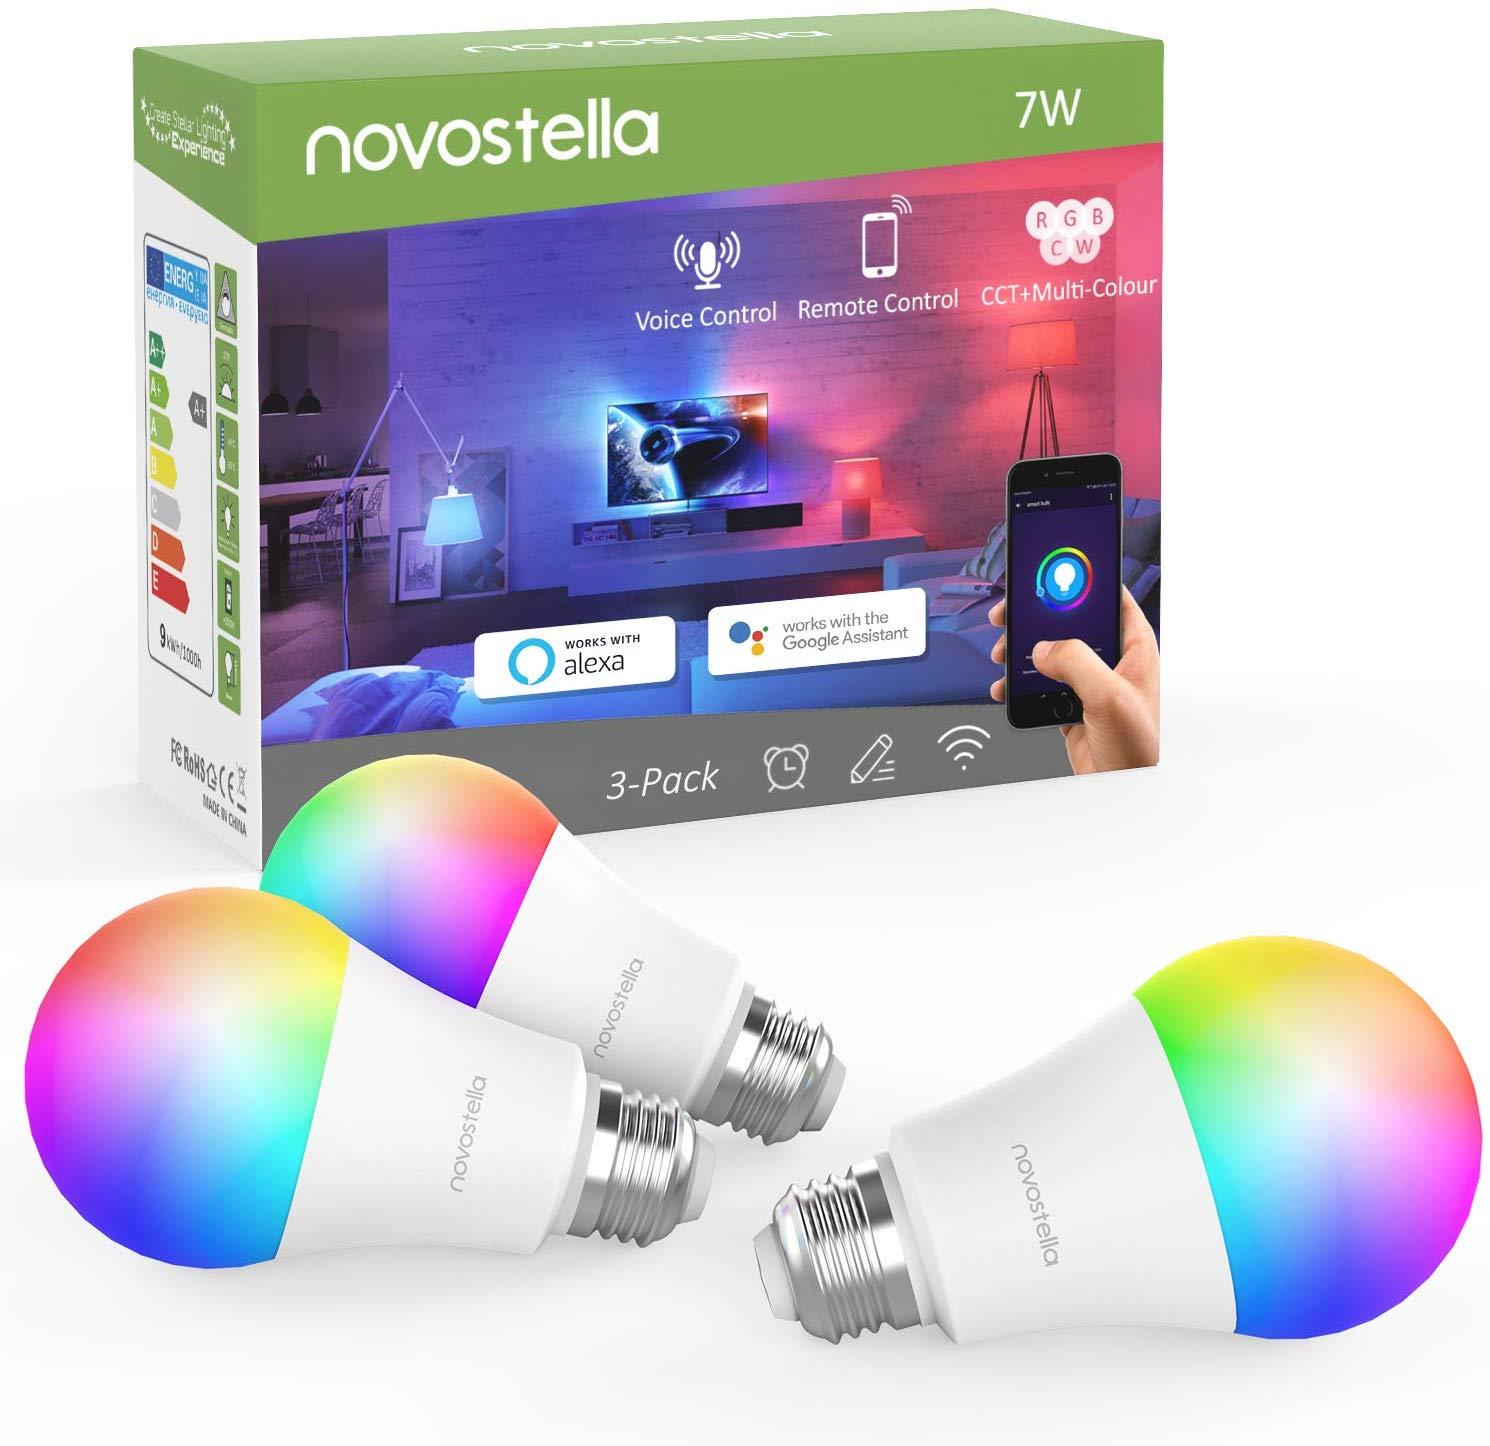 Lot de 3 Ampoules connectées Novostella - E27, RGBCW, 7W, 600LM, 2700-6500K (Compatible Alexa, Google Home & IFTTT) - Vendeur tiers